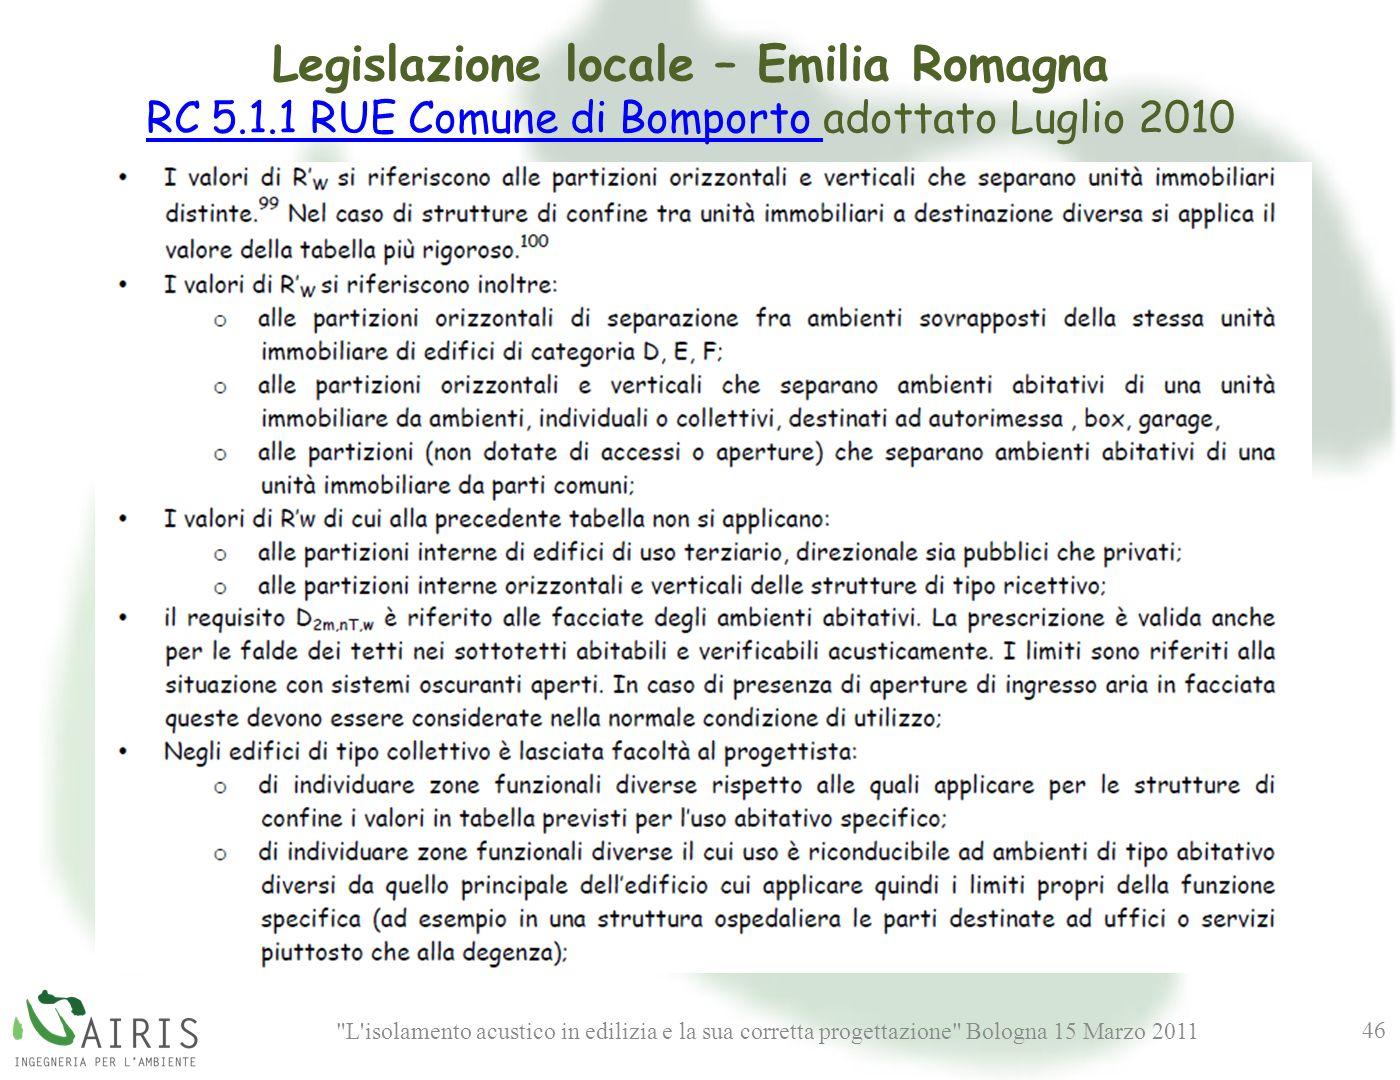 L isolamento acustico in edilizia e la sua corretta progettazione Bologna 15 Marzo 2011 46 Legislazione locale – Emilia Romagna RC 5.1.1 RUE Comune di Bomporto RC 5.1.1 RUE Comune di Bomporto adottato Luglio 2010